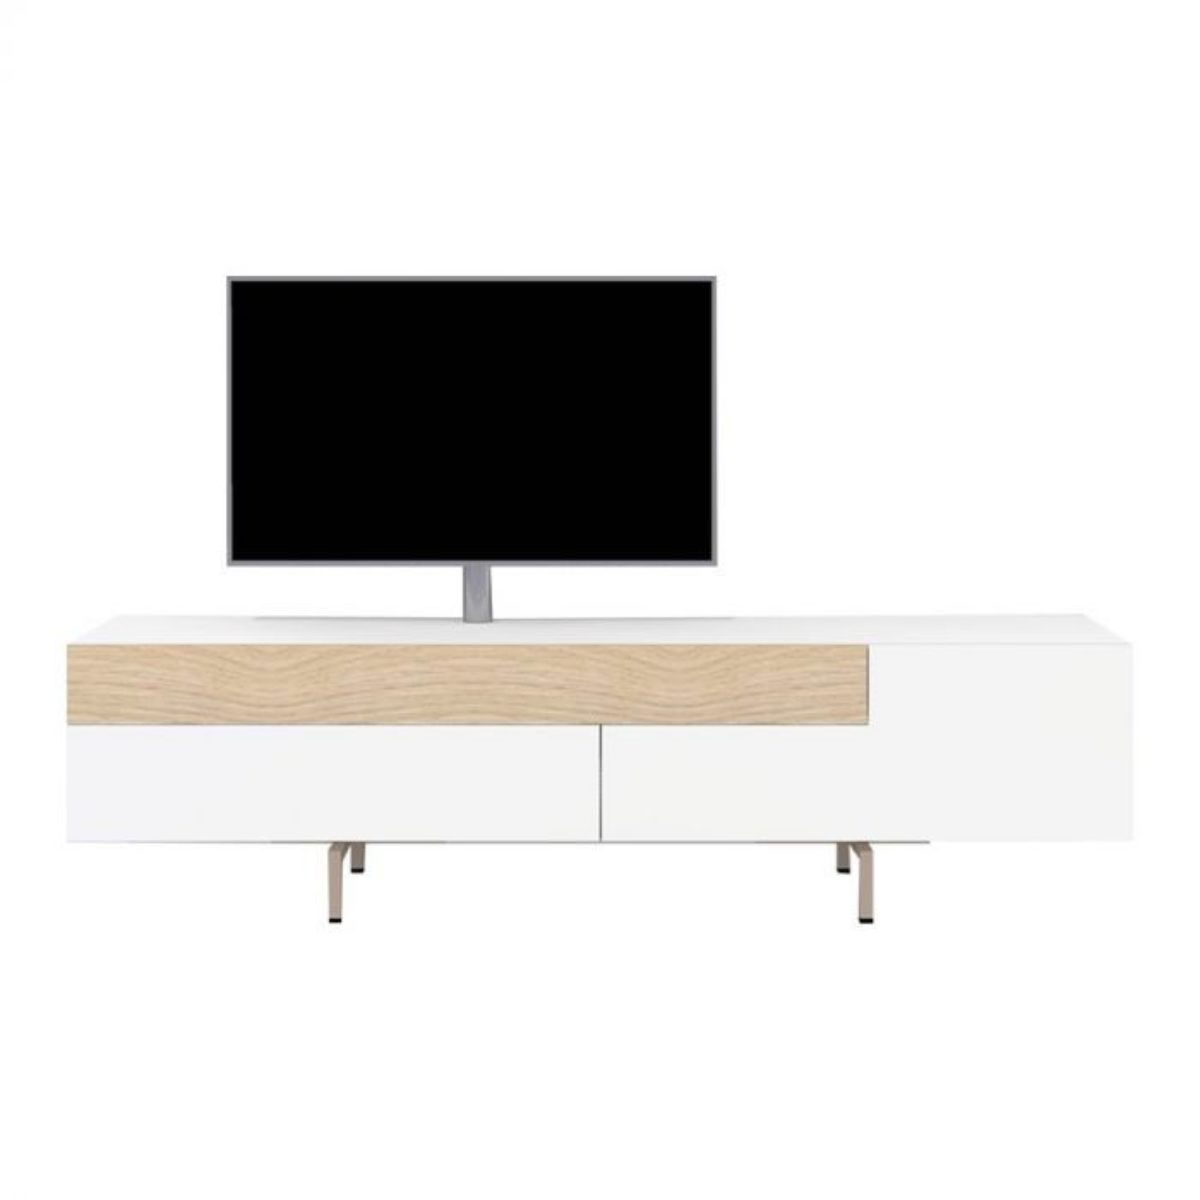 Castelijn solo tv meubel 01